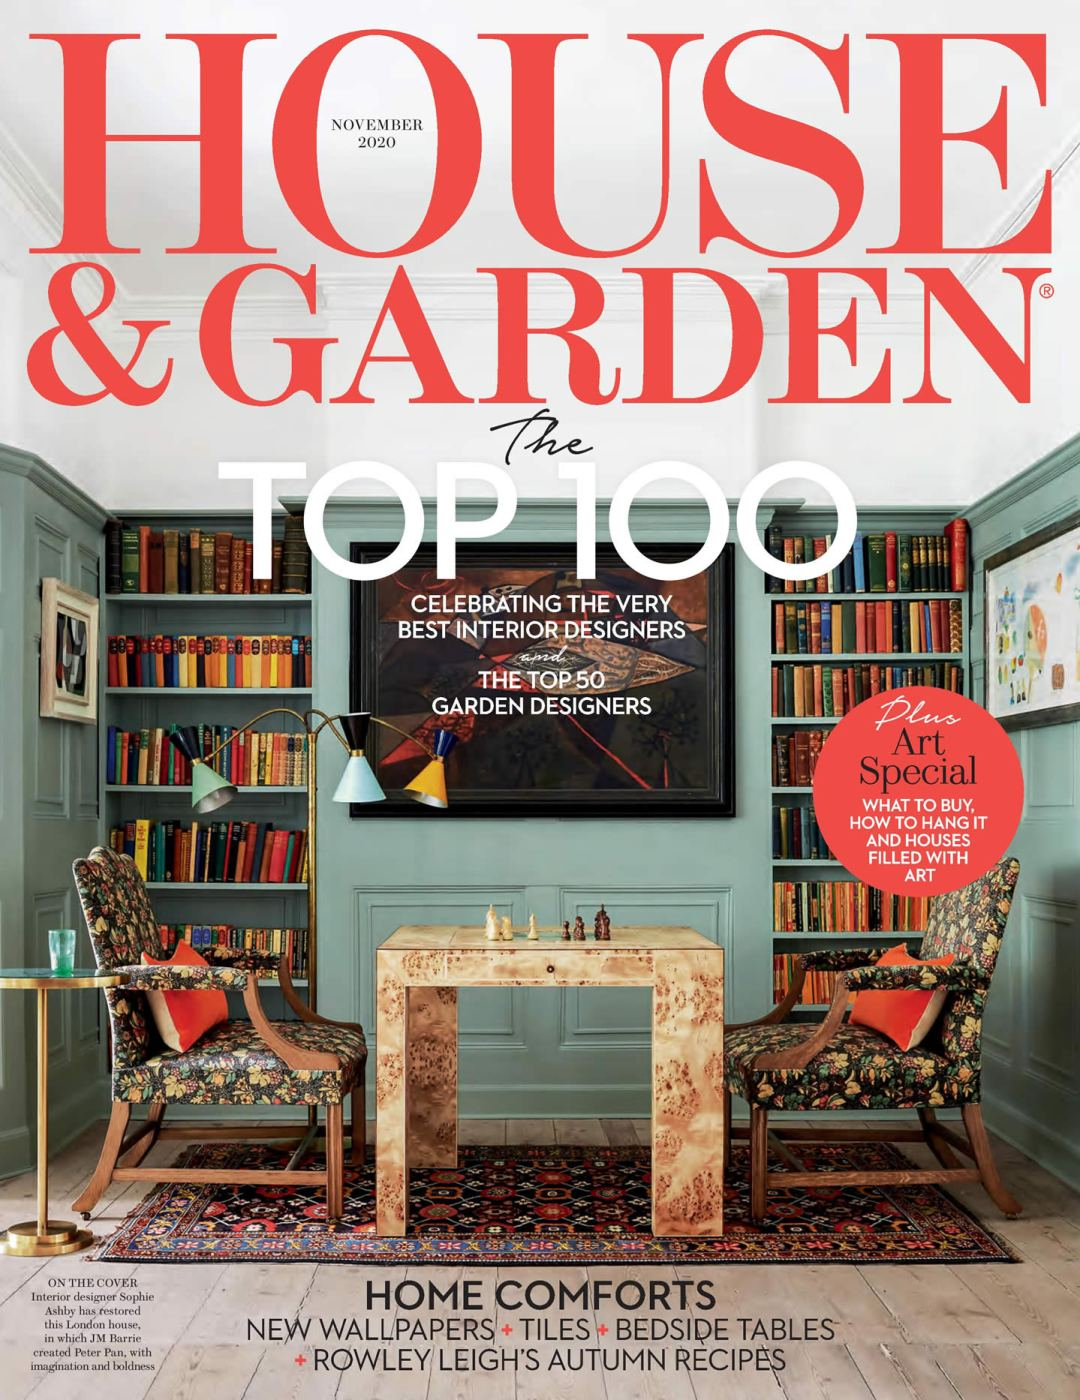 House and Garden (November 2020)